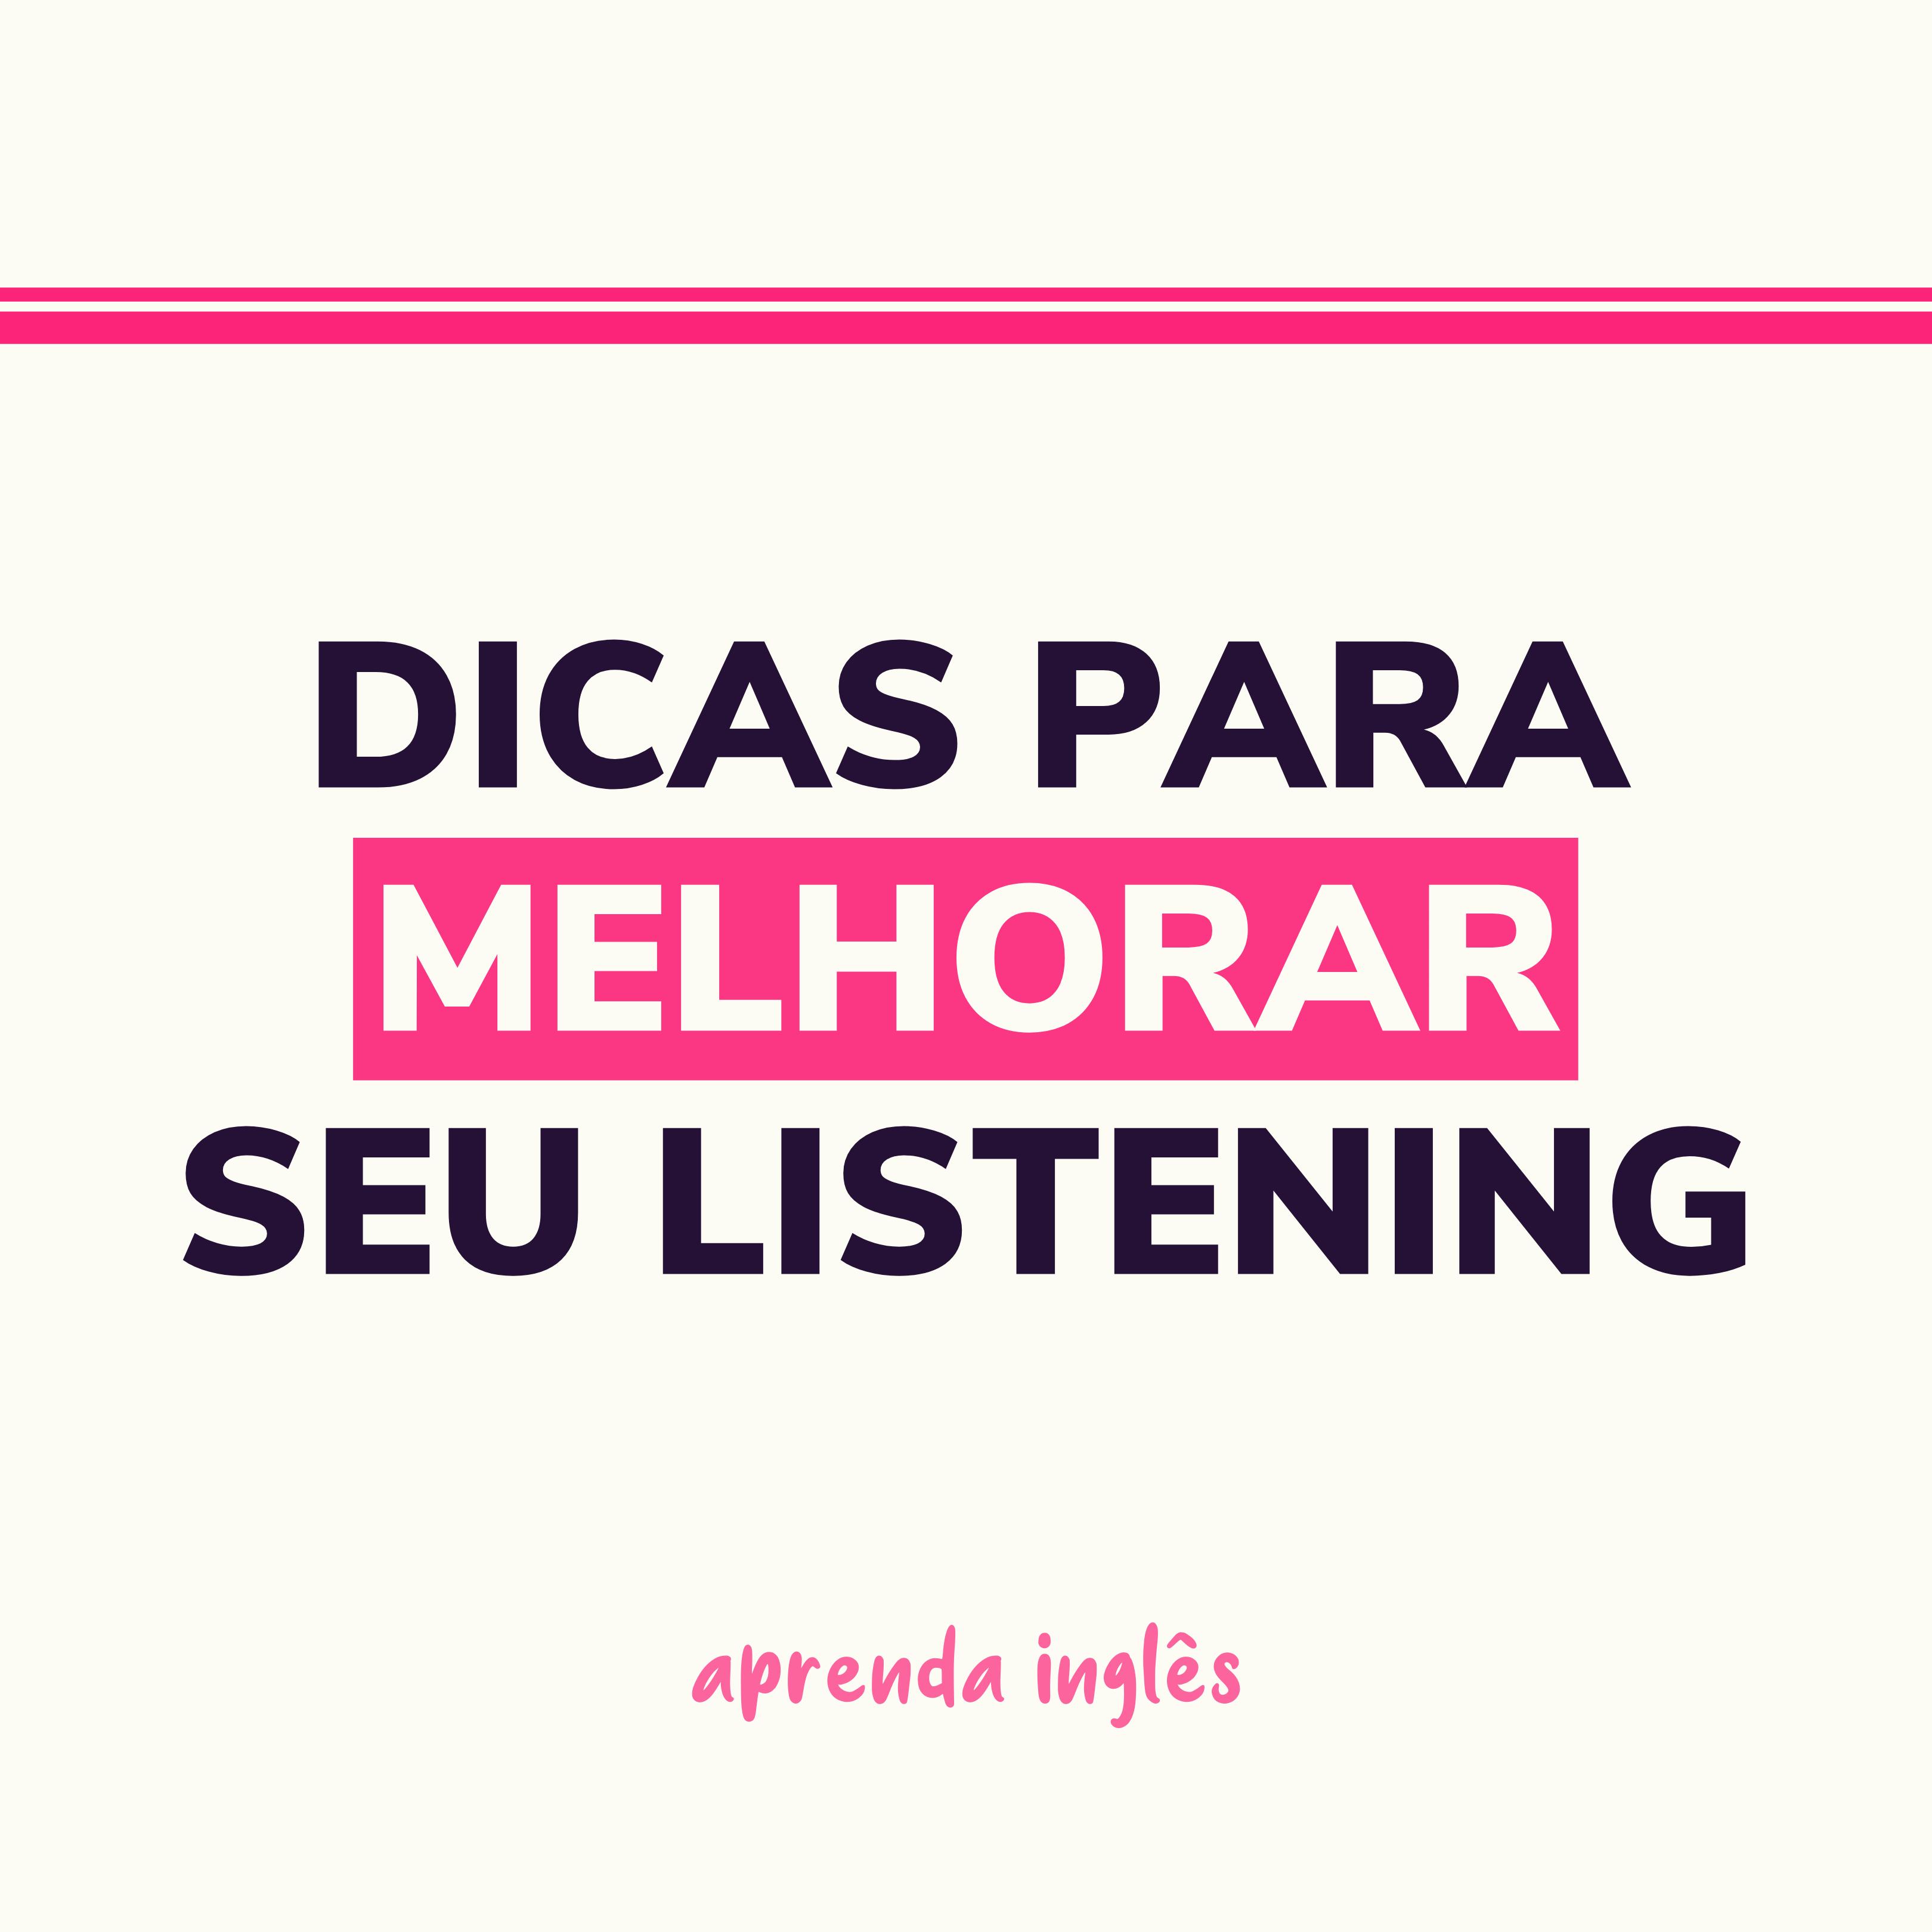 melhorar seu listening - Curso de Inglês Online